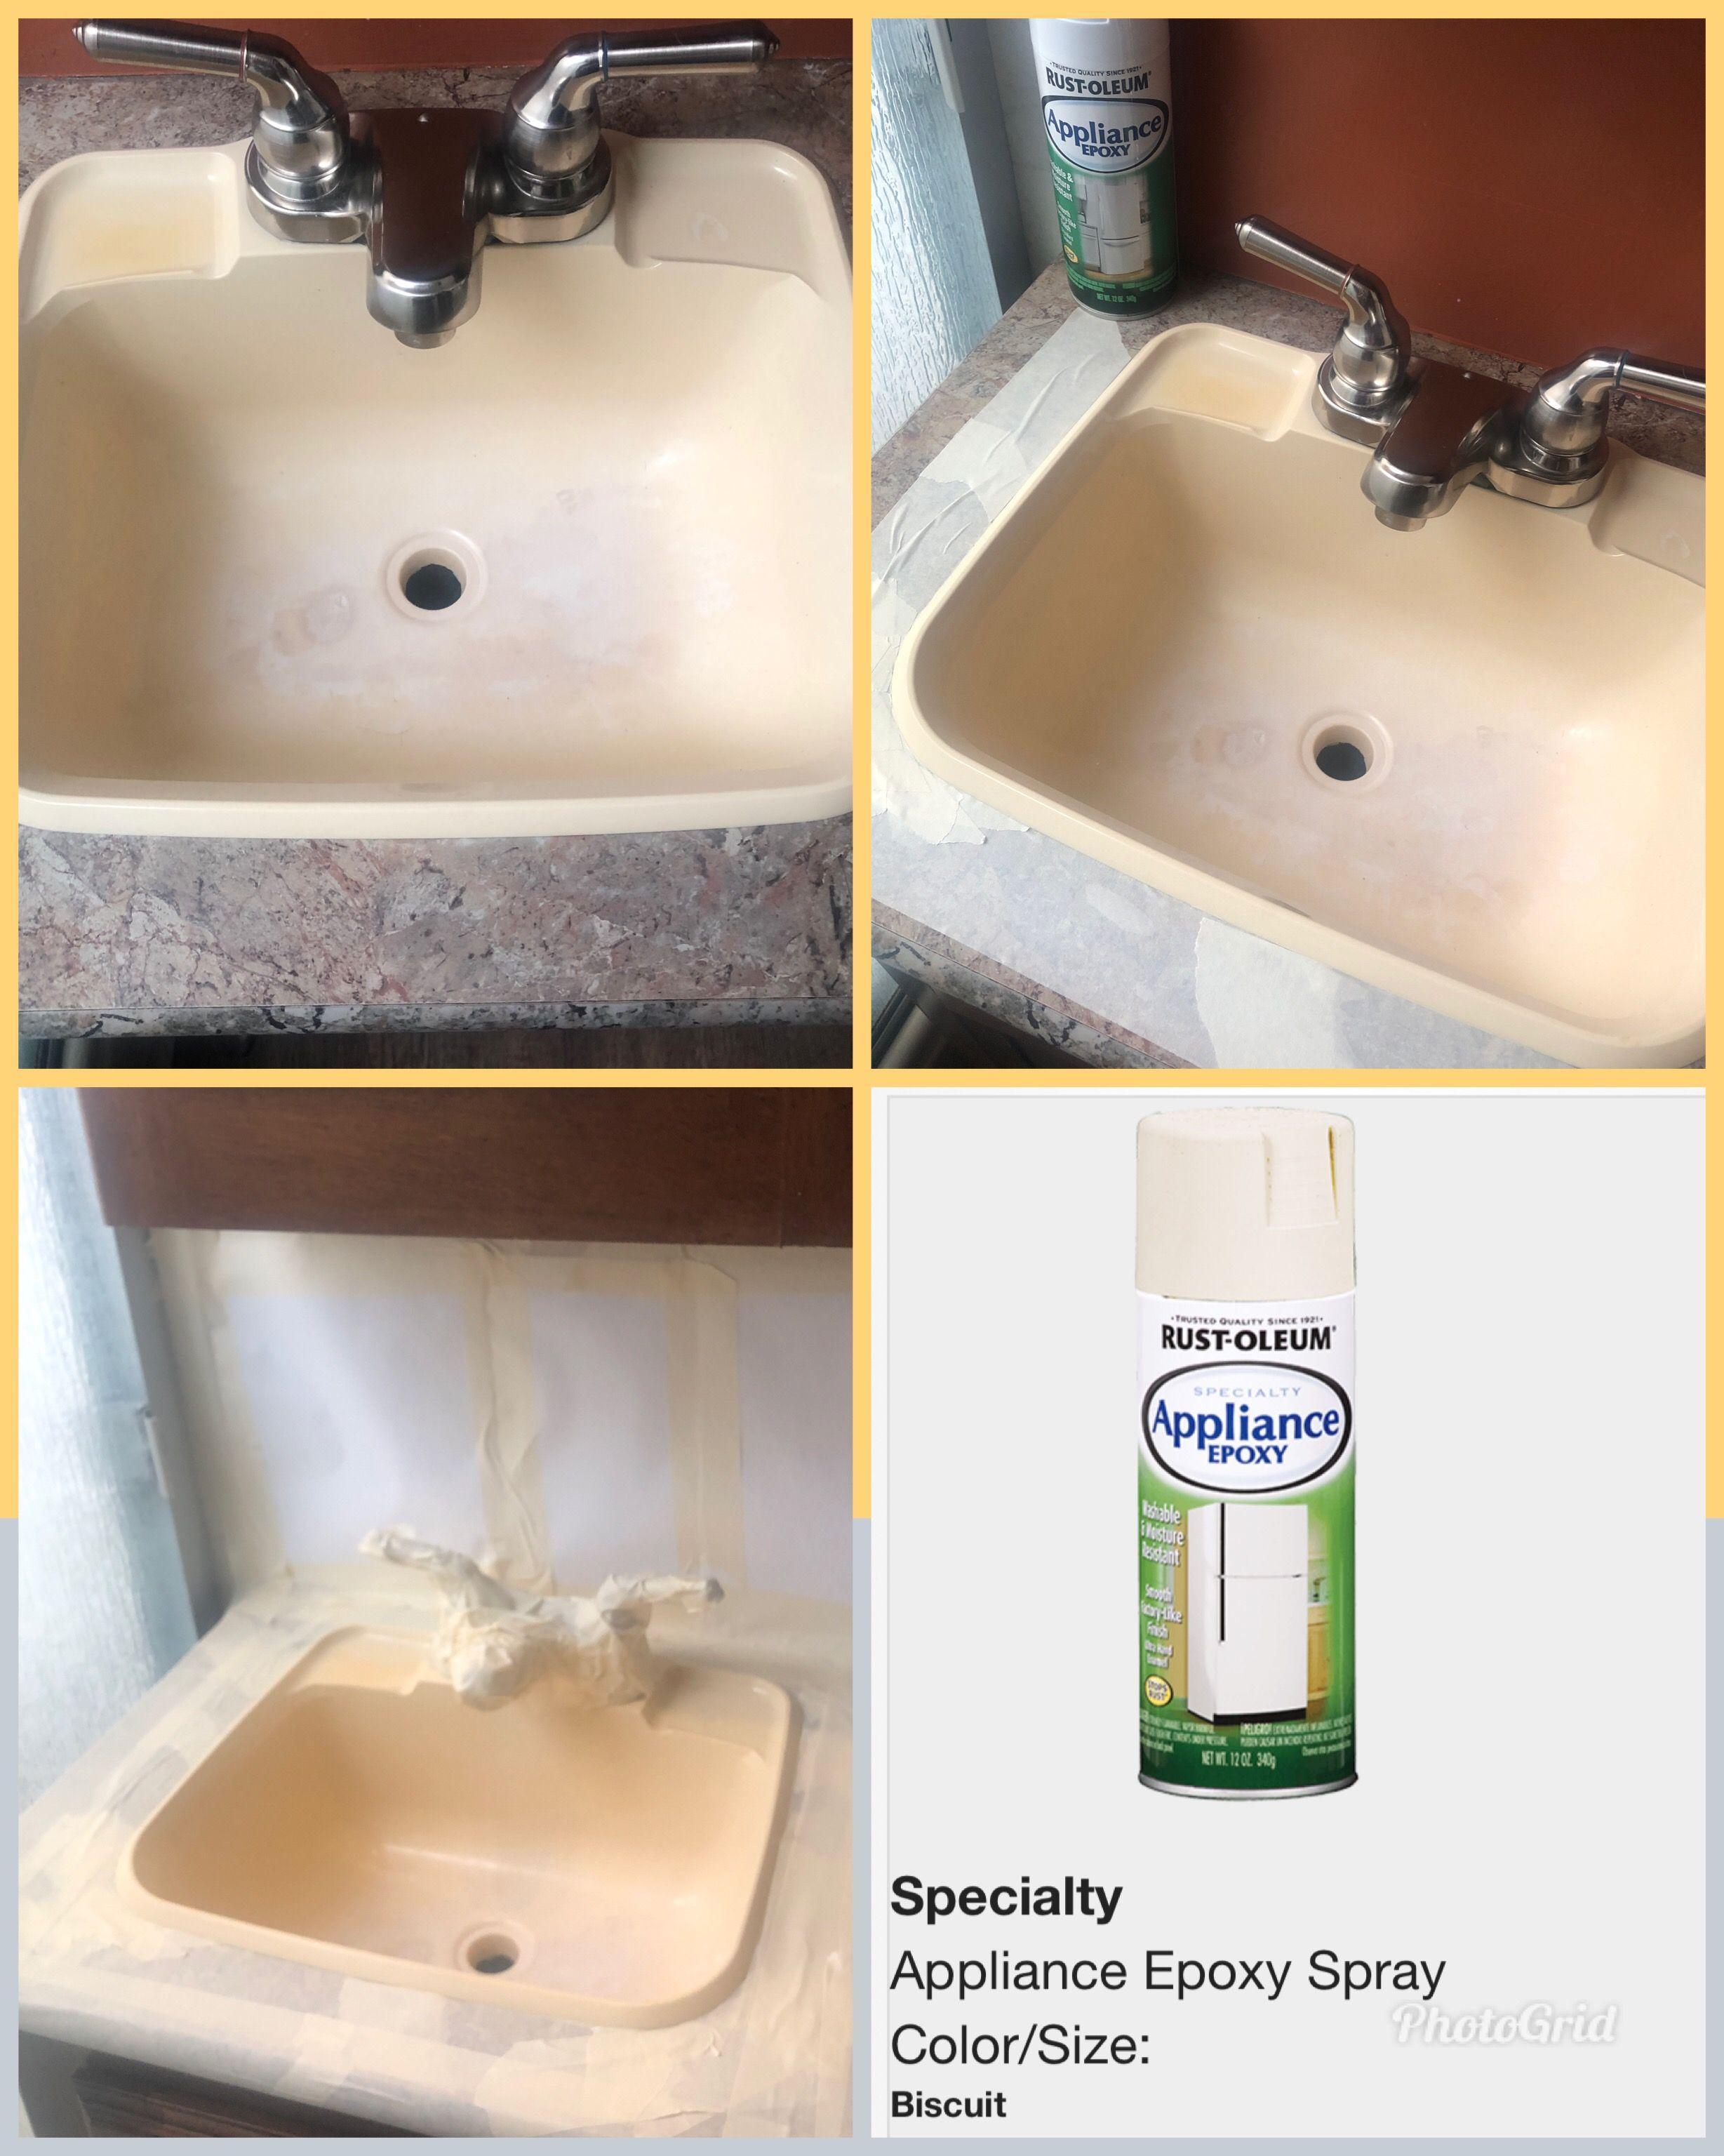 Rv Sink Sink Rv Sink Diy Rv [ 3072 x 2457 Pixel ]